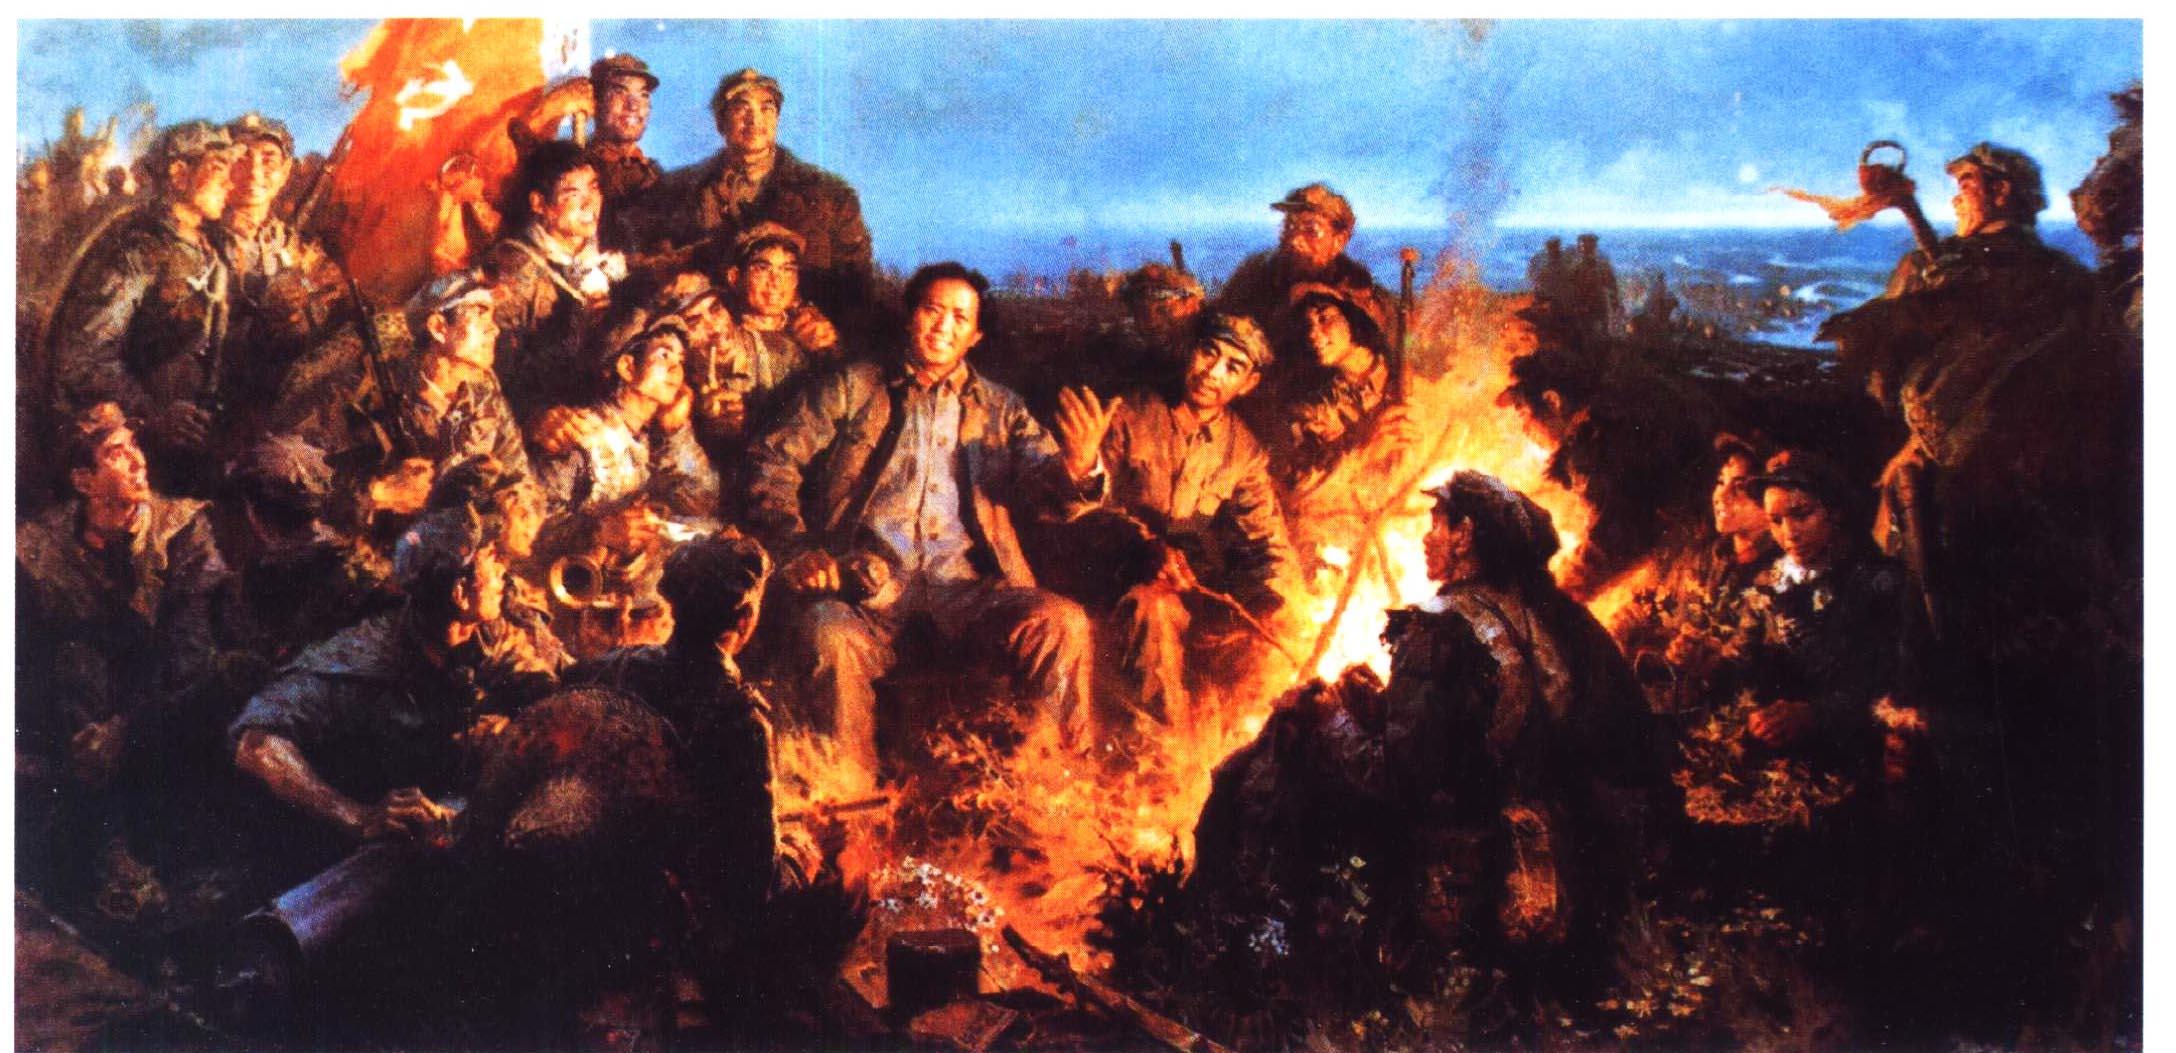 """官兵一致同甘苦,革命理想高于天.""""它生动地反映了红军的""""绝唱""""精神."""